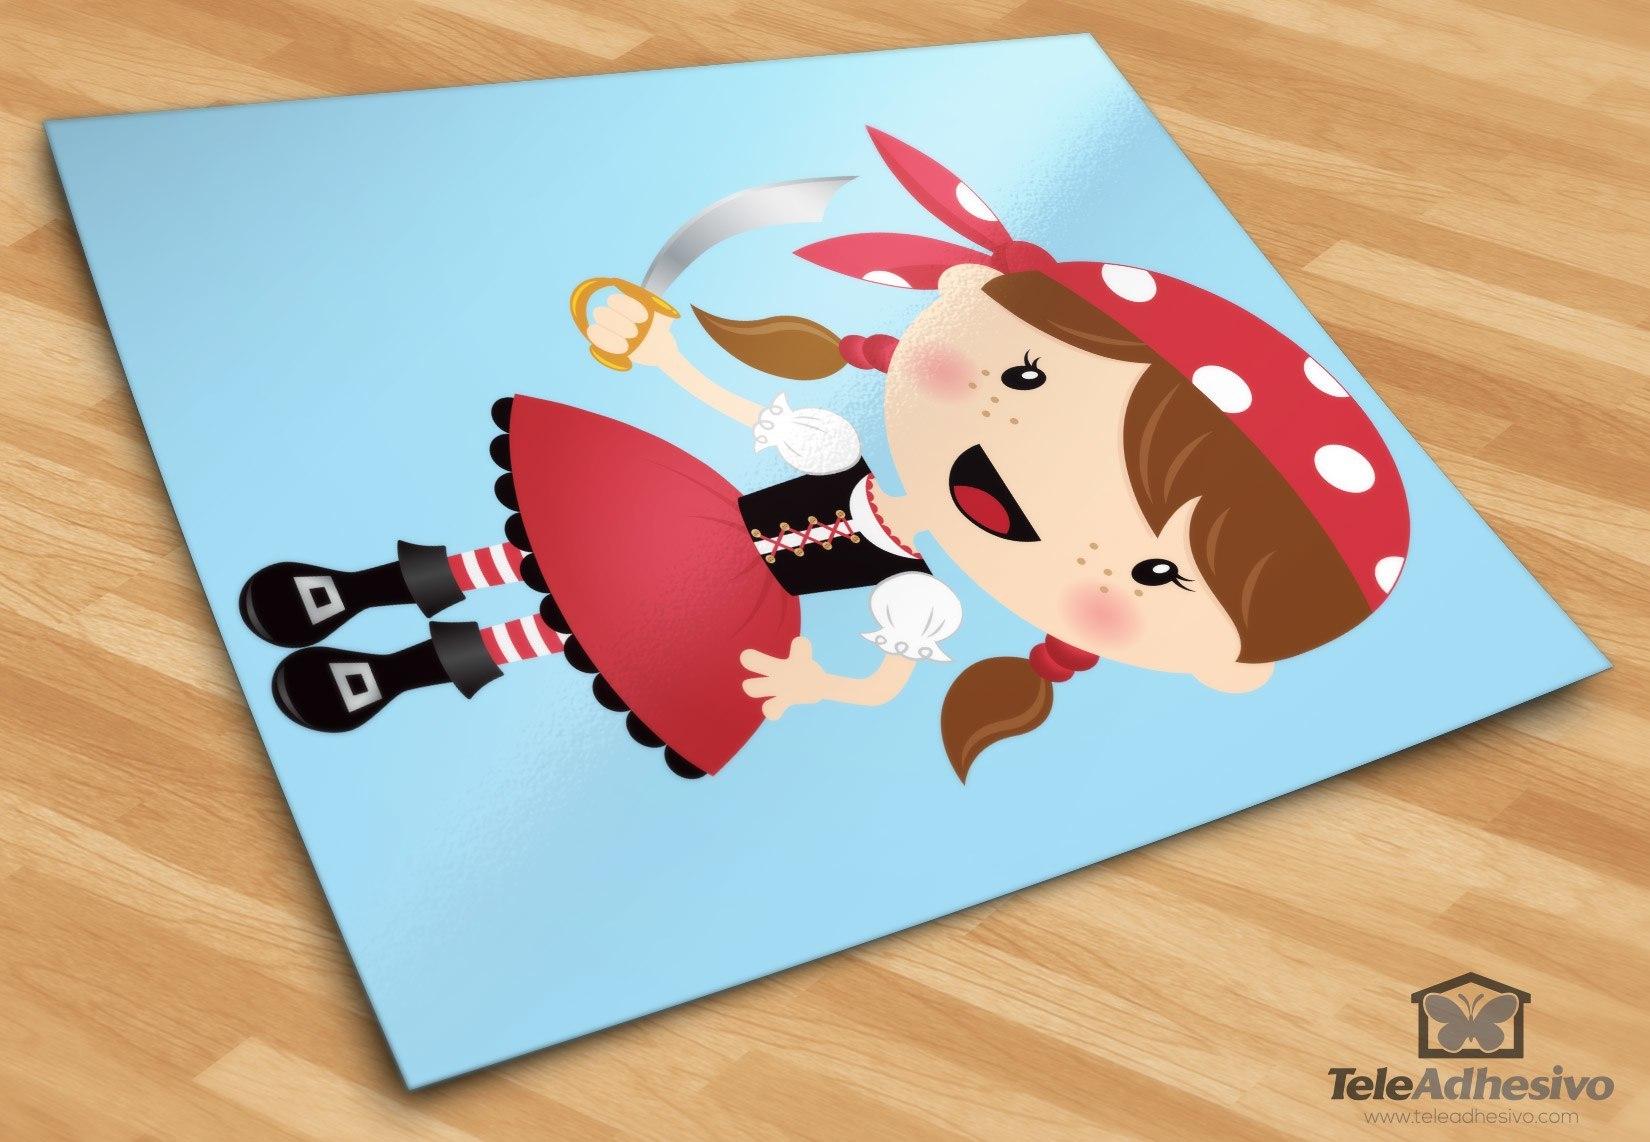 Kinderzimmer Wandtattoo: Der kleine Korsar Schwert